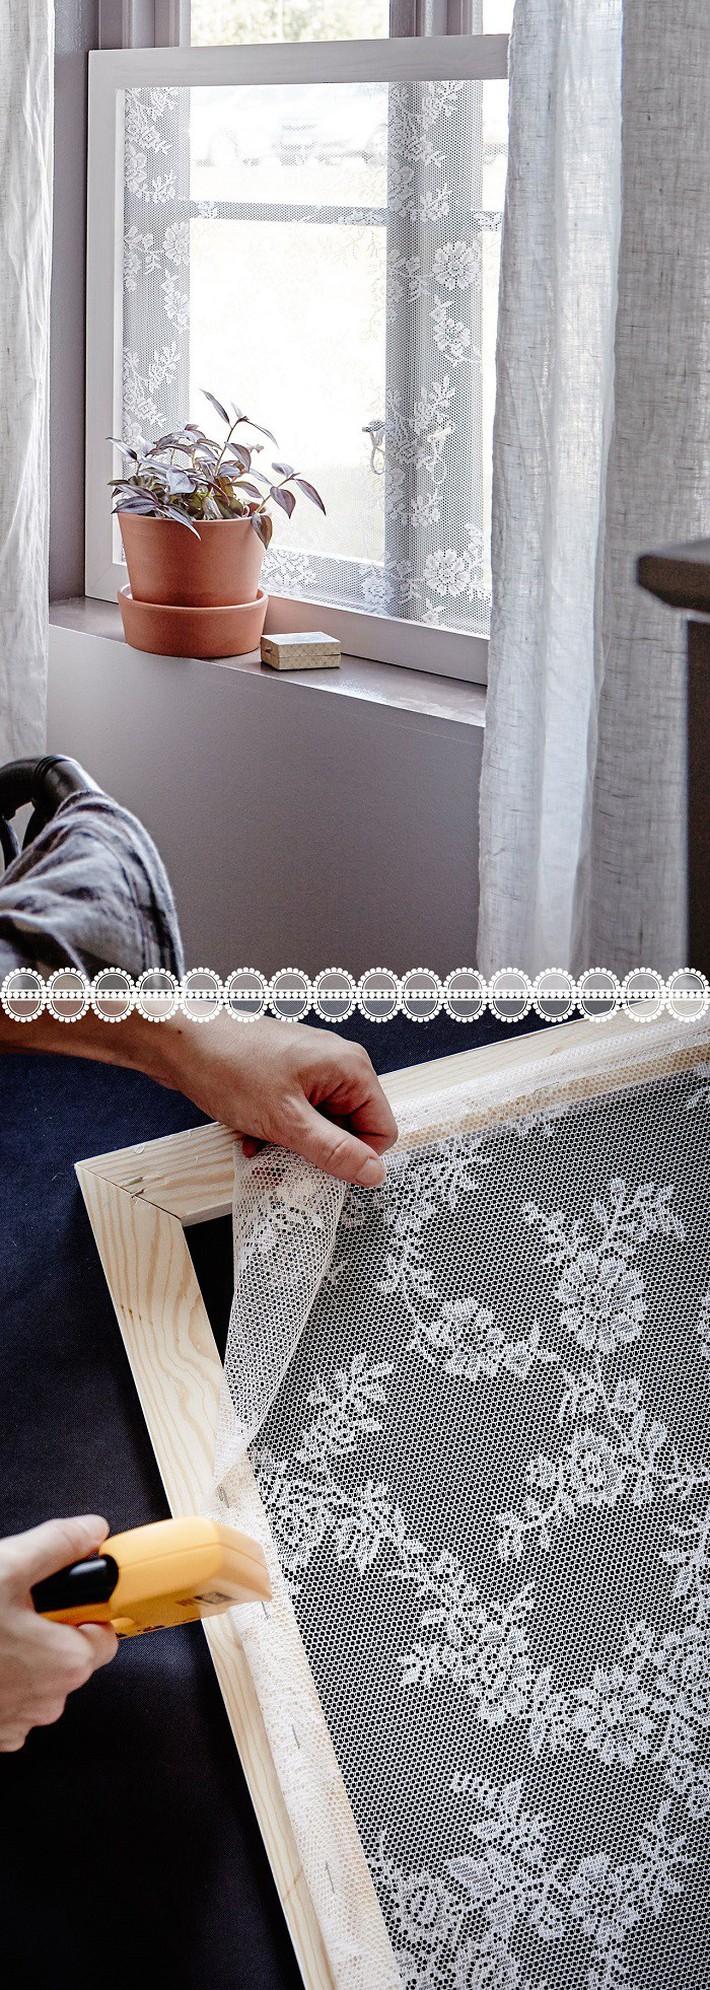 Những cách trang trí cửa sổ đơn giản mà đẹp bất ngờ không phải ai cũng biết - Ảnh 1.